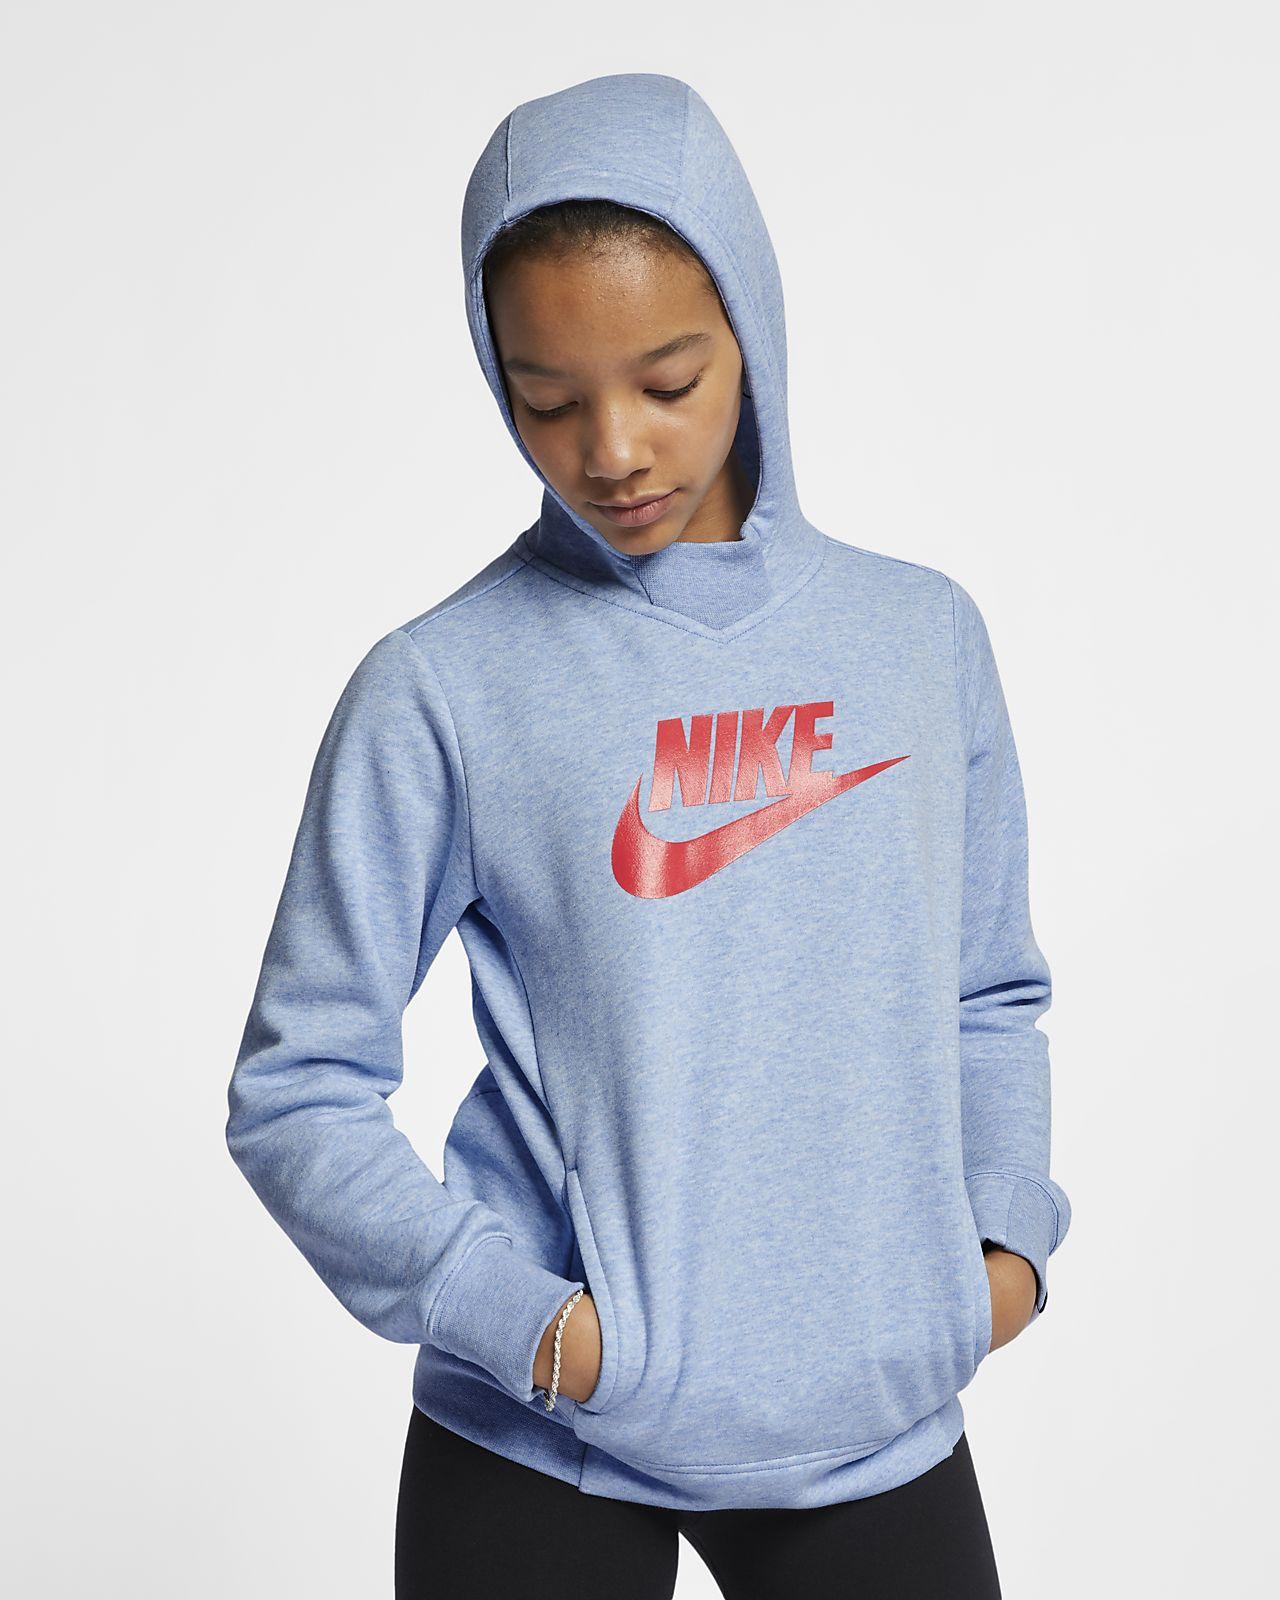 Huvtröja Nike Sportswear Graphic för ungdom (tjejer)